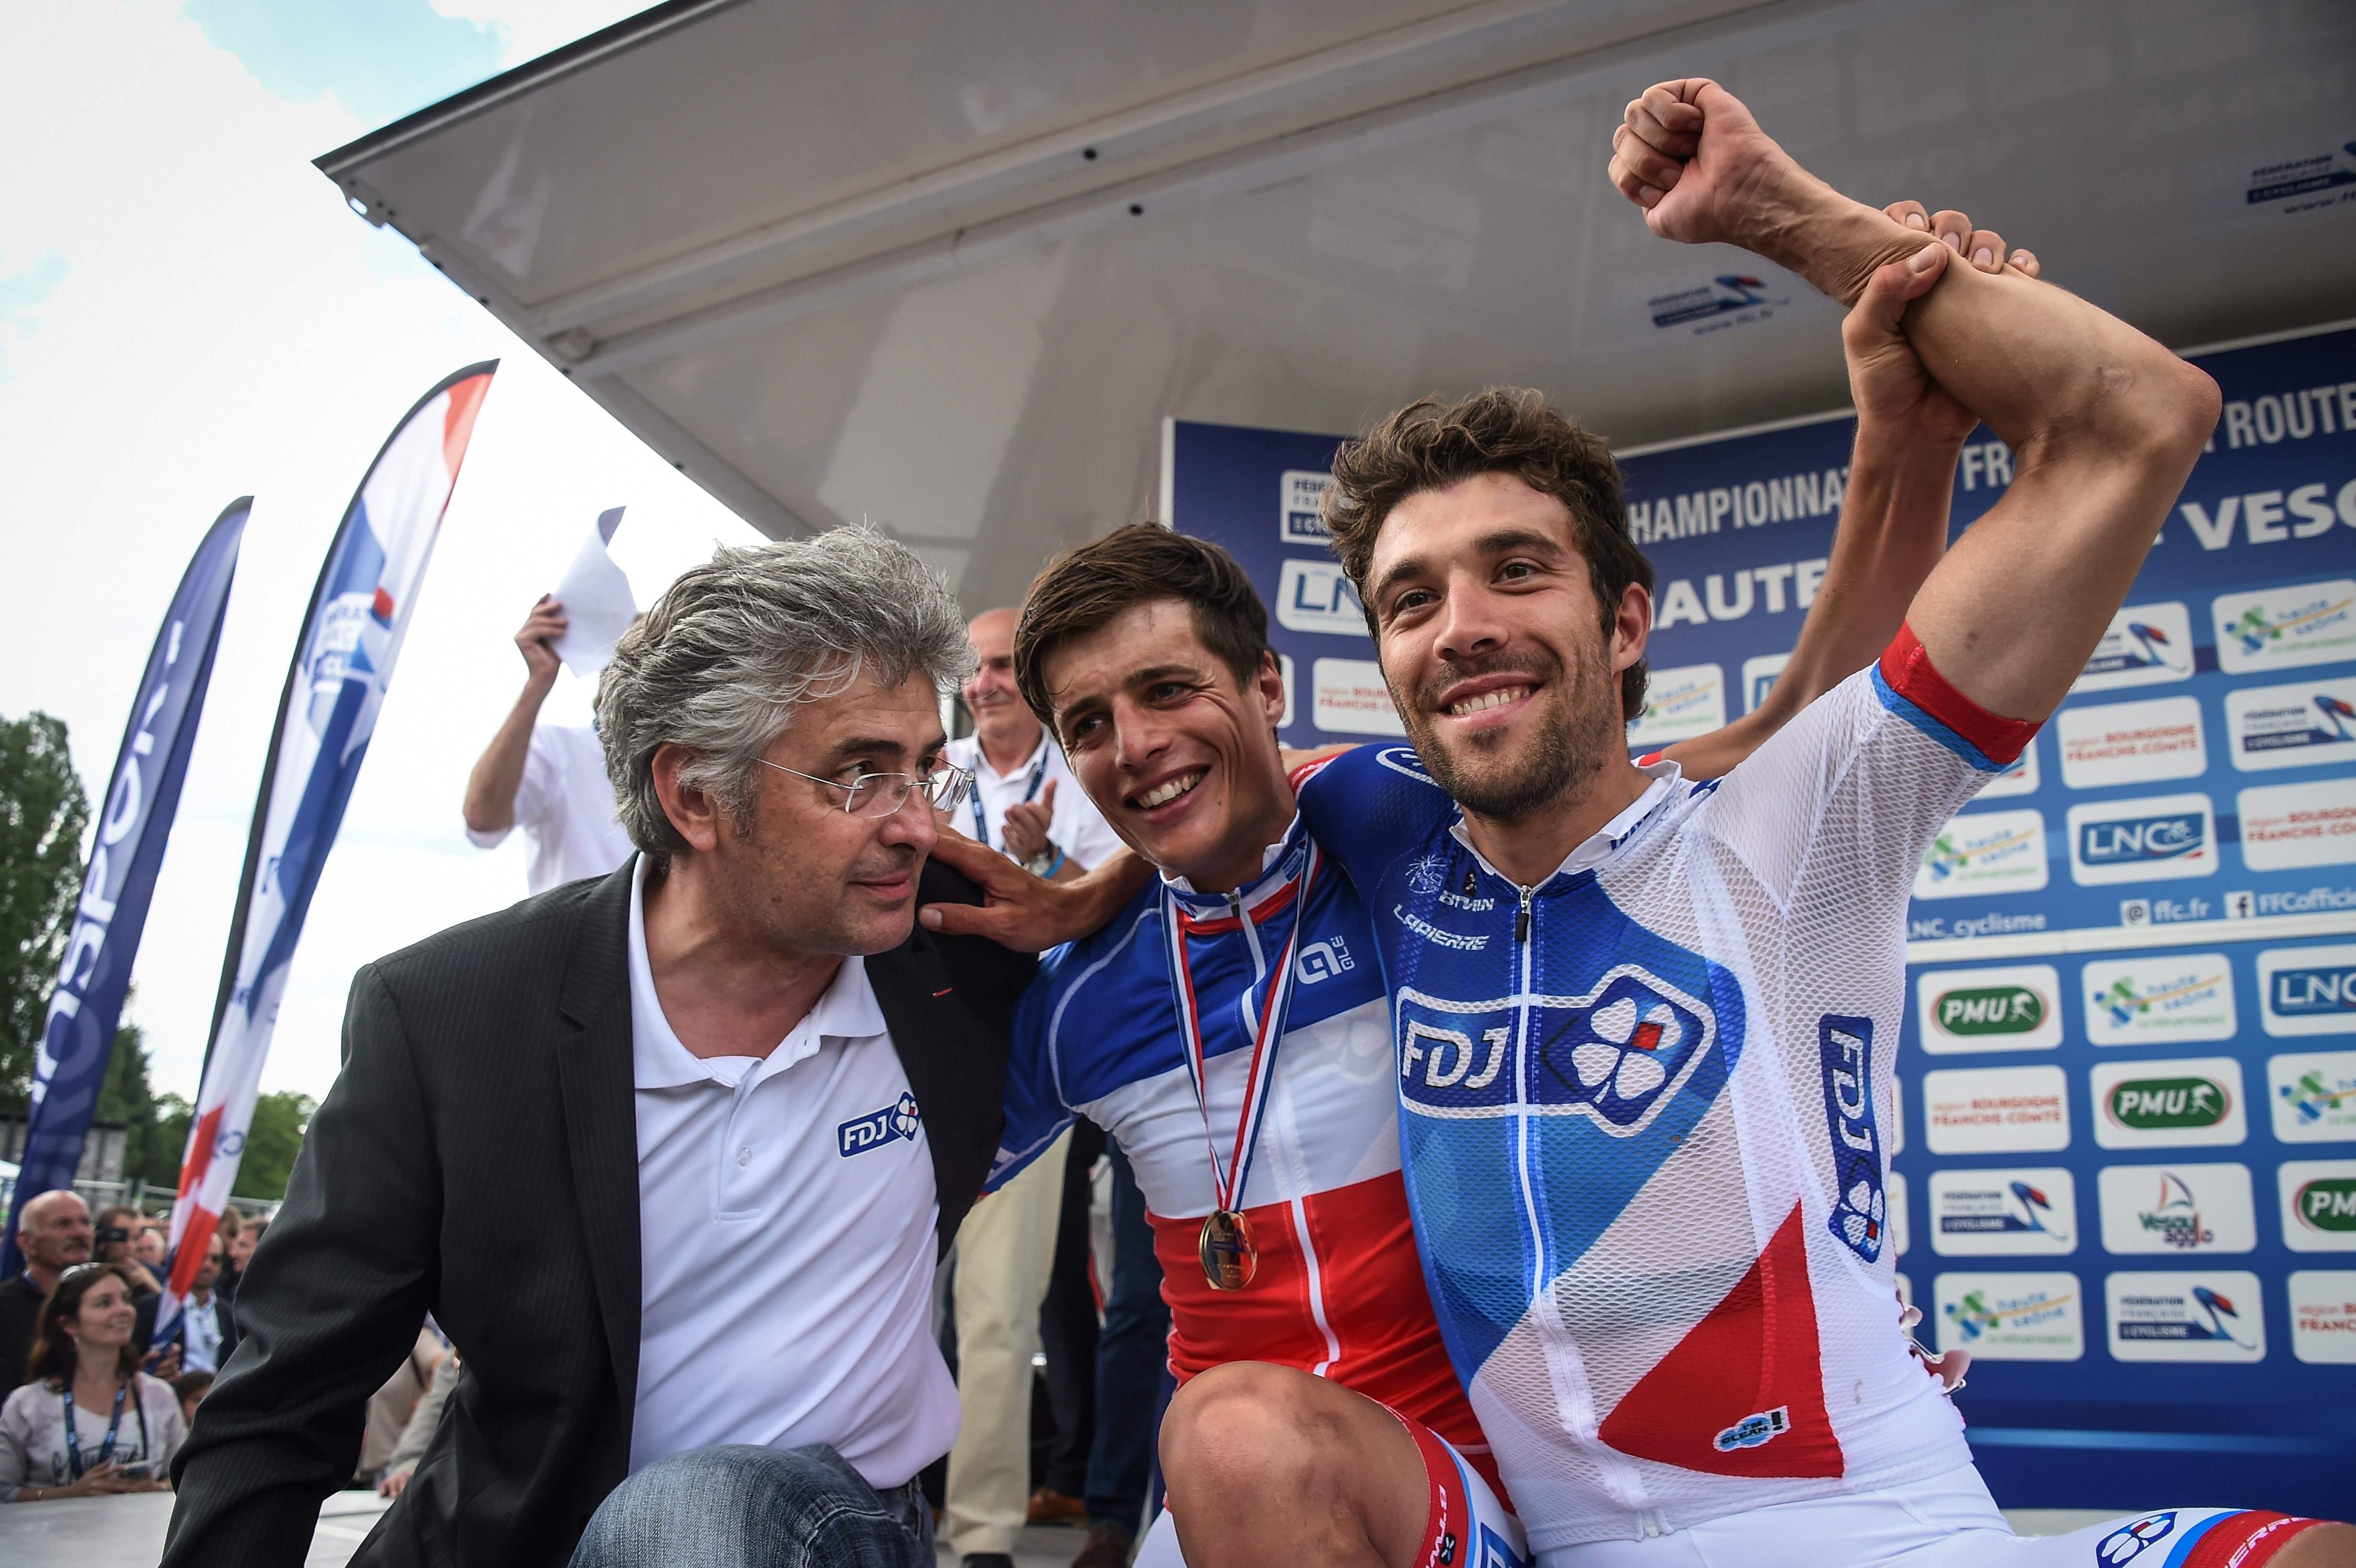 Cyclisme - Vichot, champion de France dans l'ombre de Pinot